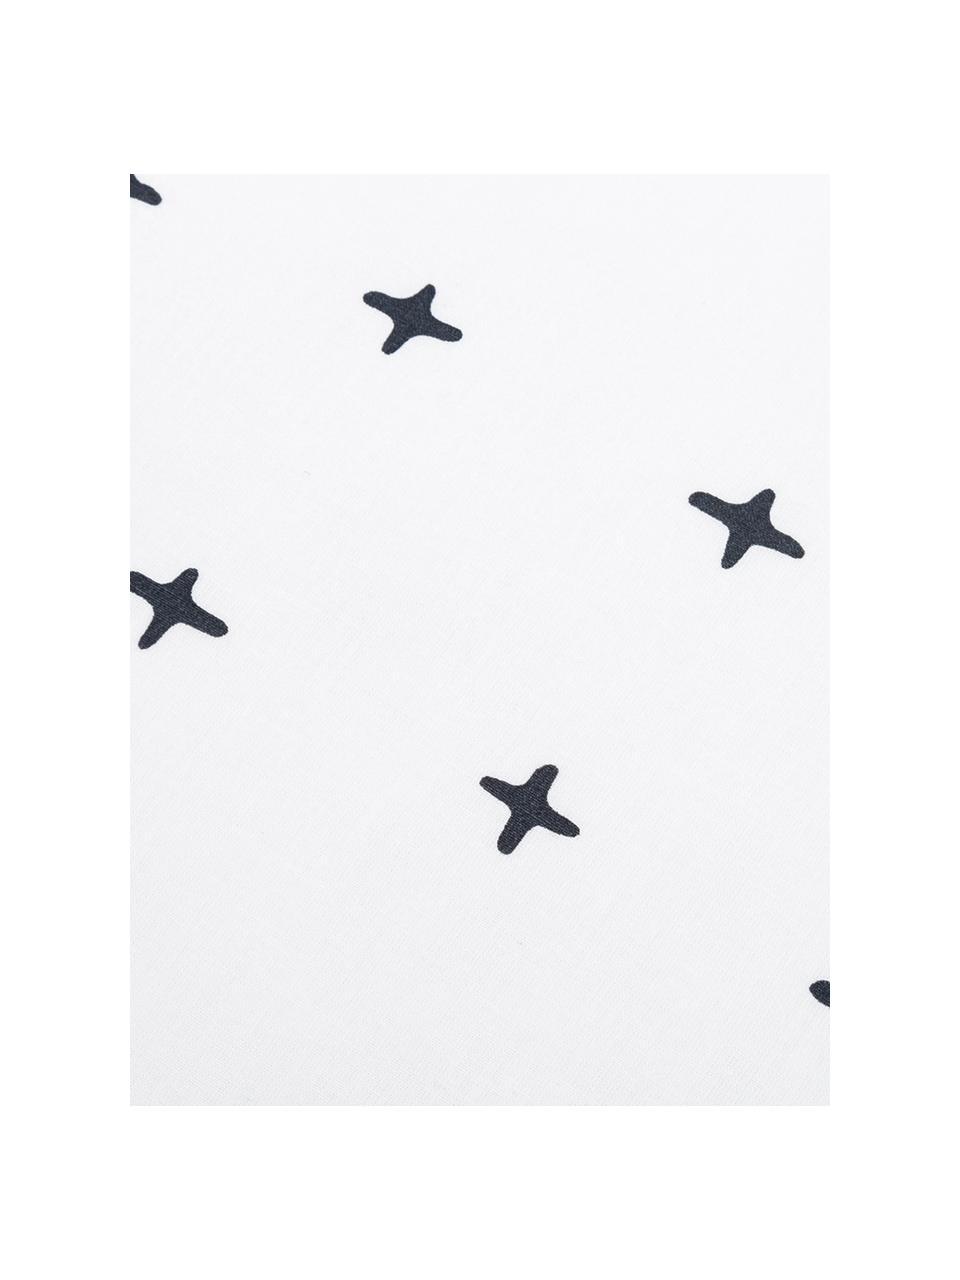 Dubbelzijdig renforcé dekbedovertrek Odd Twins, Weeftechniek: renforcé, Bovenzijde: wit, antraciet. Onderzijde: wit, grijs, 200 x 220 cm